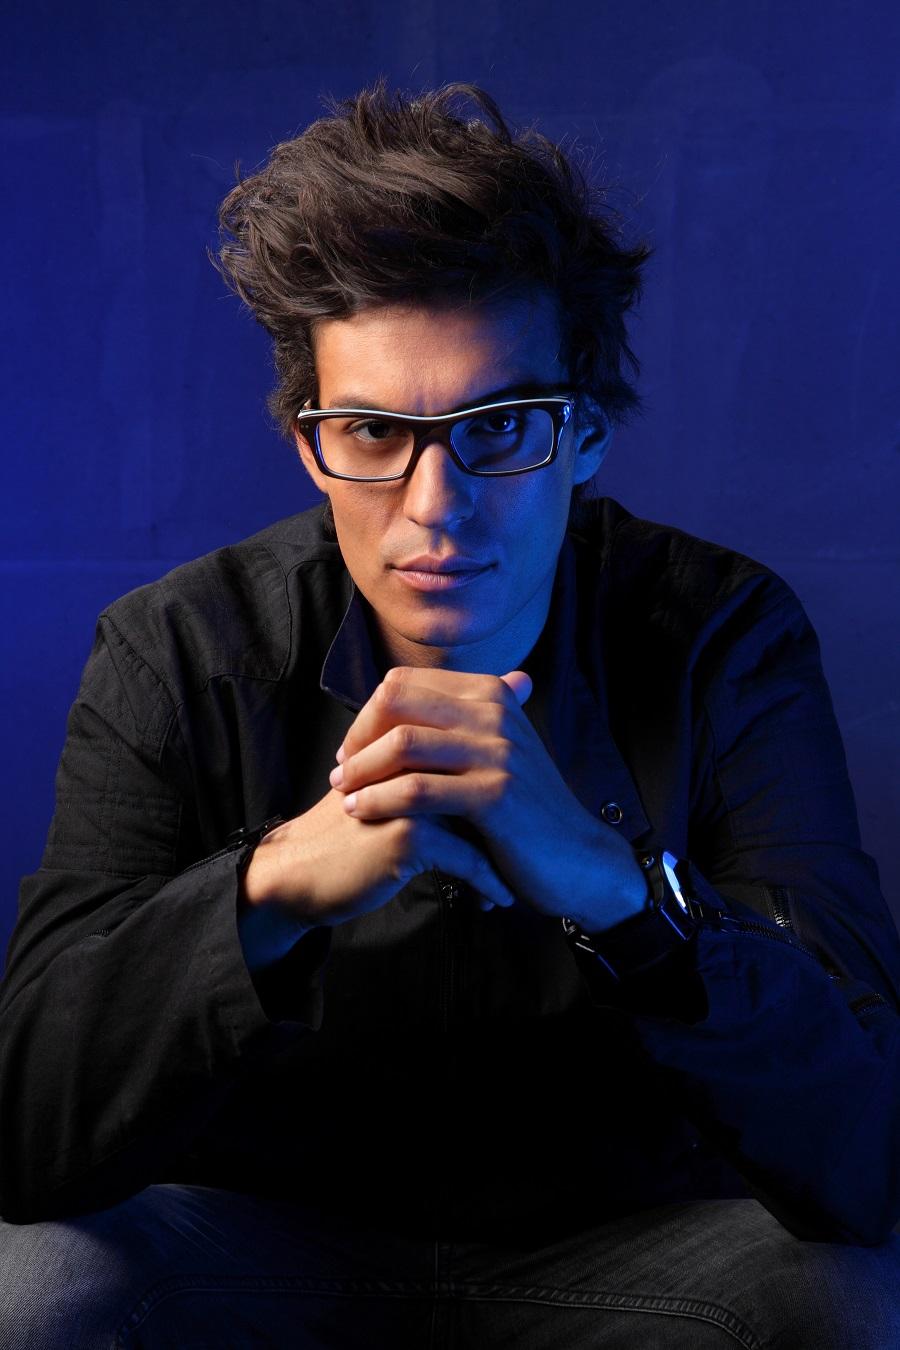 MOKO by OKO, la nouvelle référence de lunettes ultra-légères - Crédit Photo Alain smilo